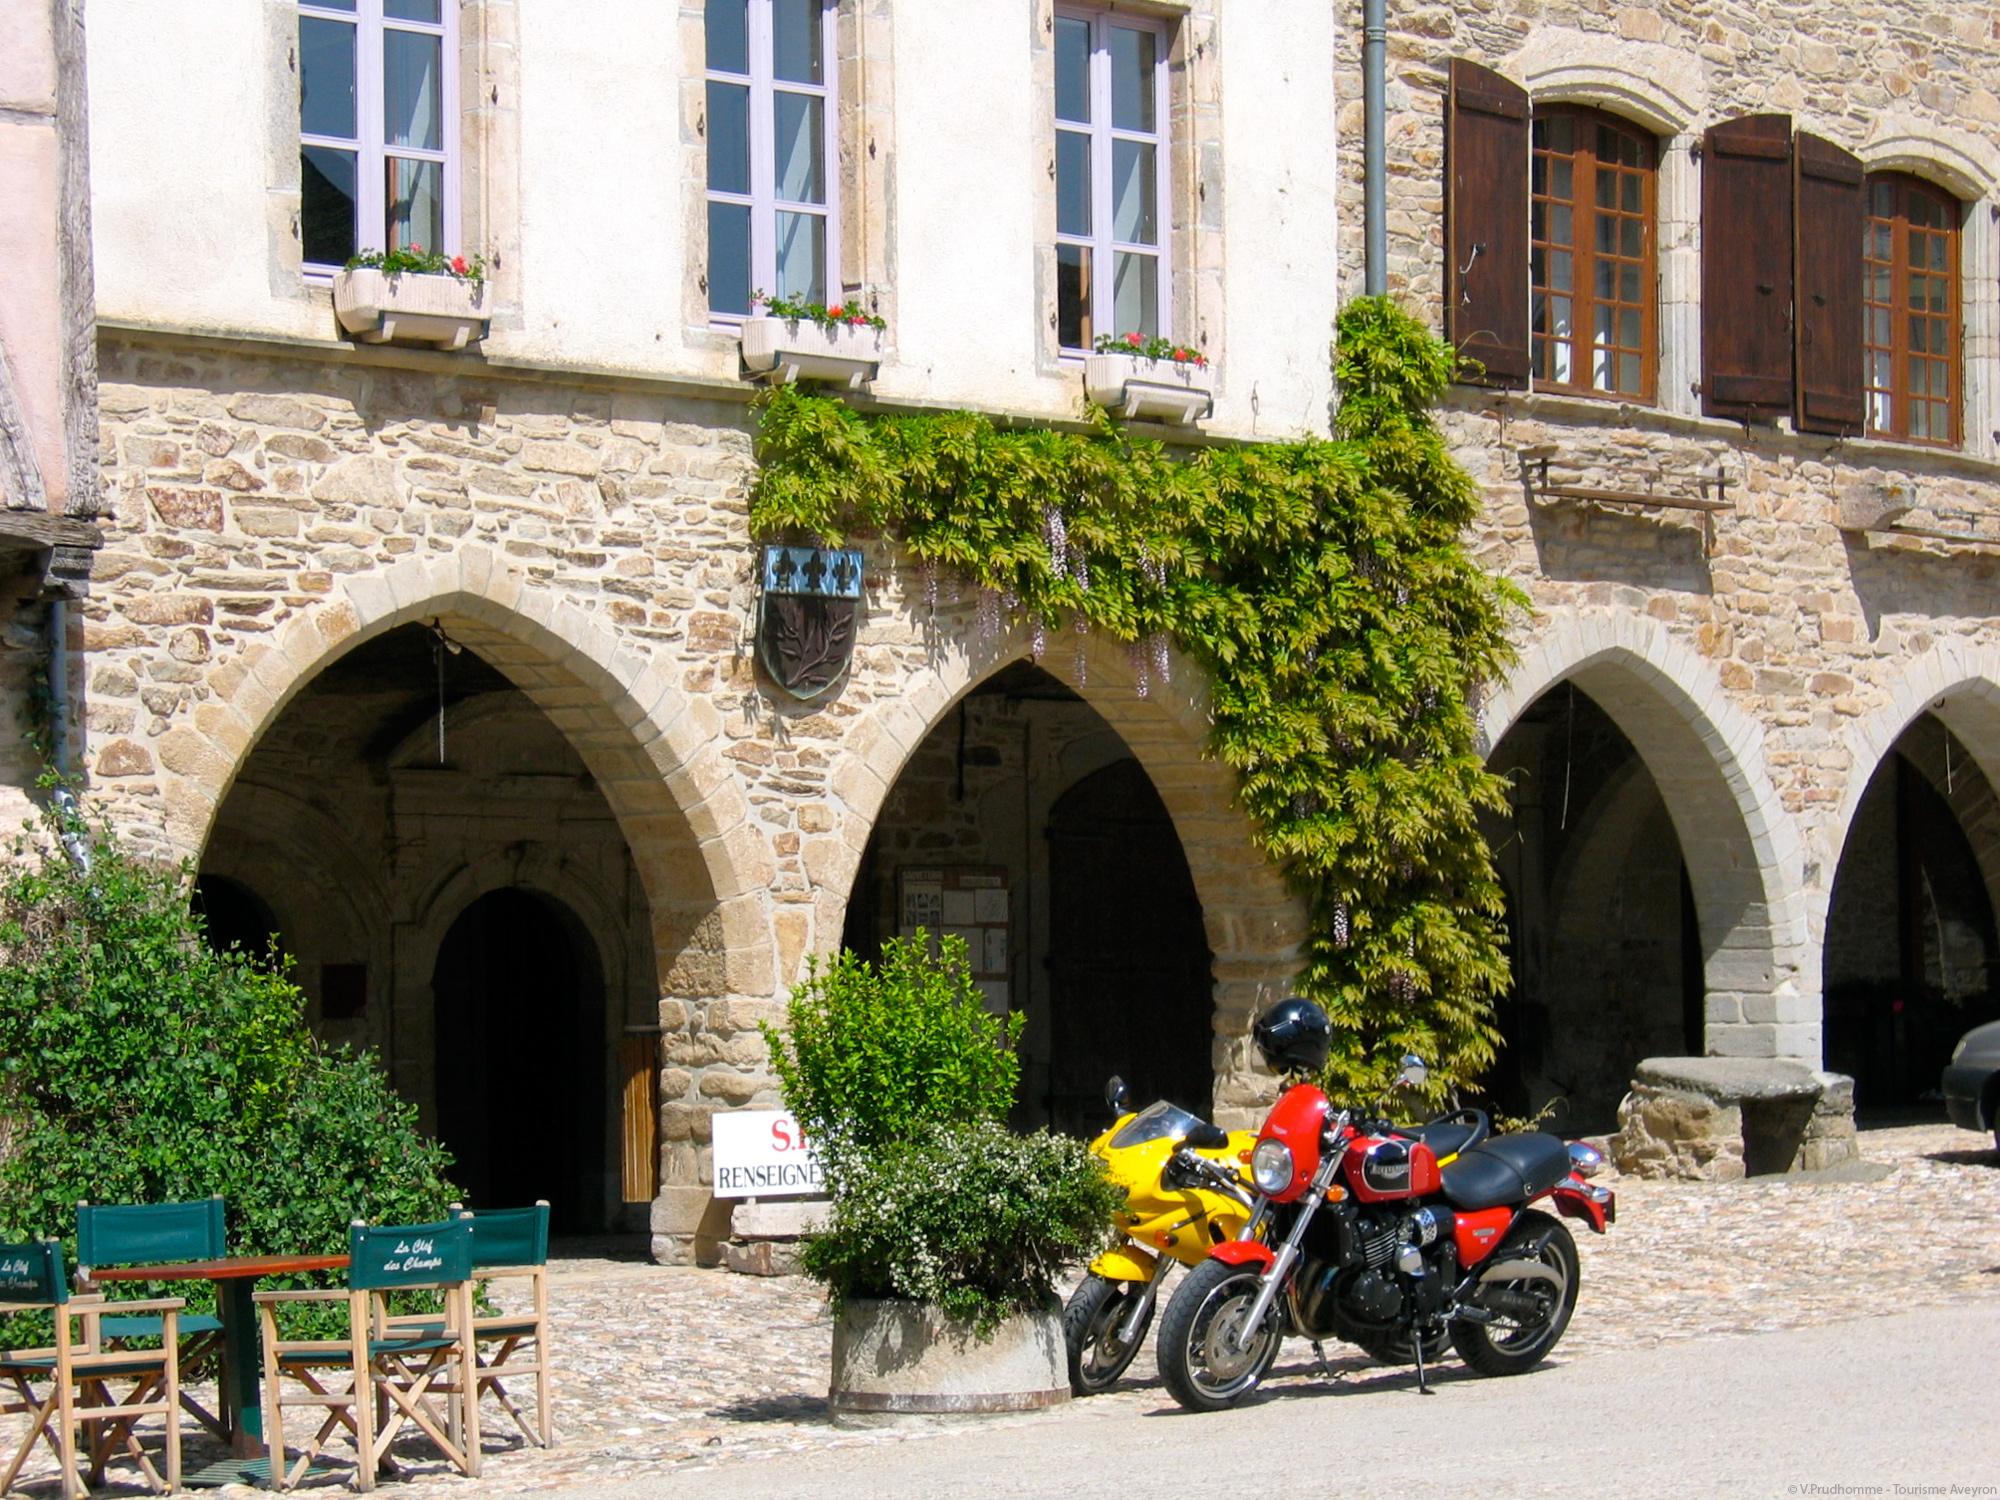 Moto Aveyron © V.Prudhomme - Tourisme Aveyron